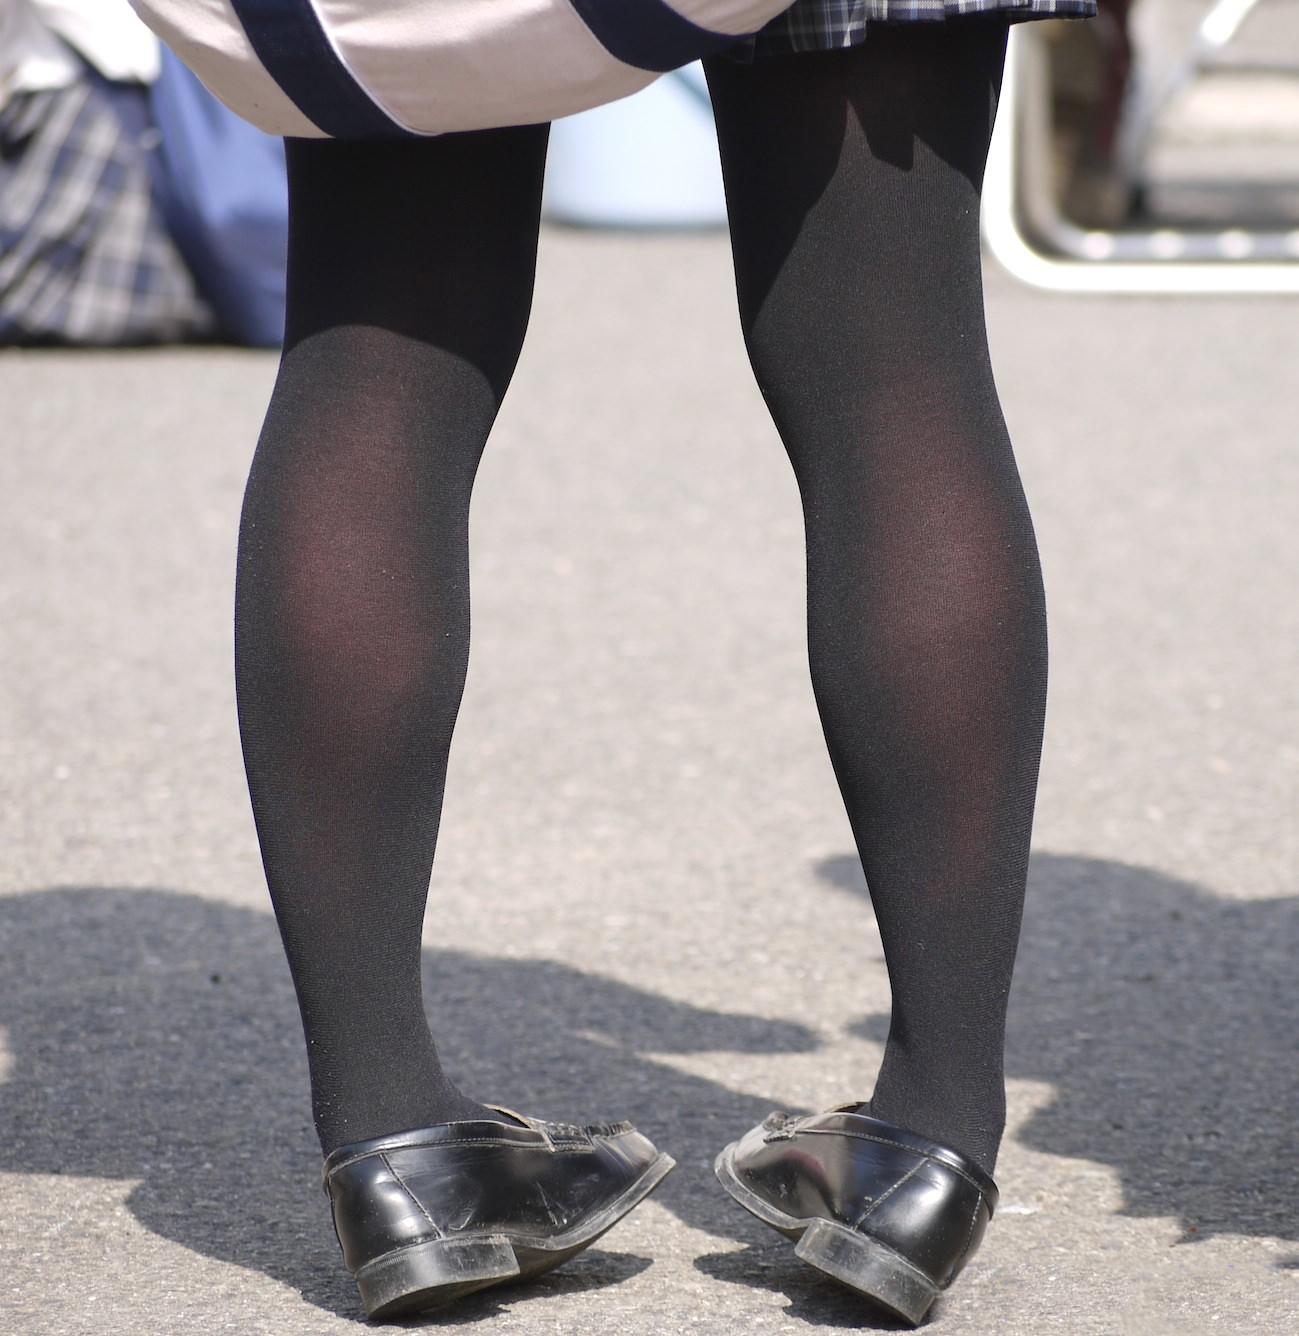 香ばしい匂いがするJKの靴下はどちらが好み??紺のハイソ派?黒のストッキング派? V30fLNa